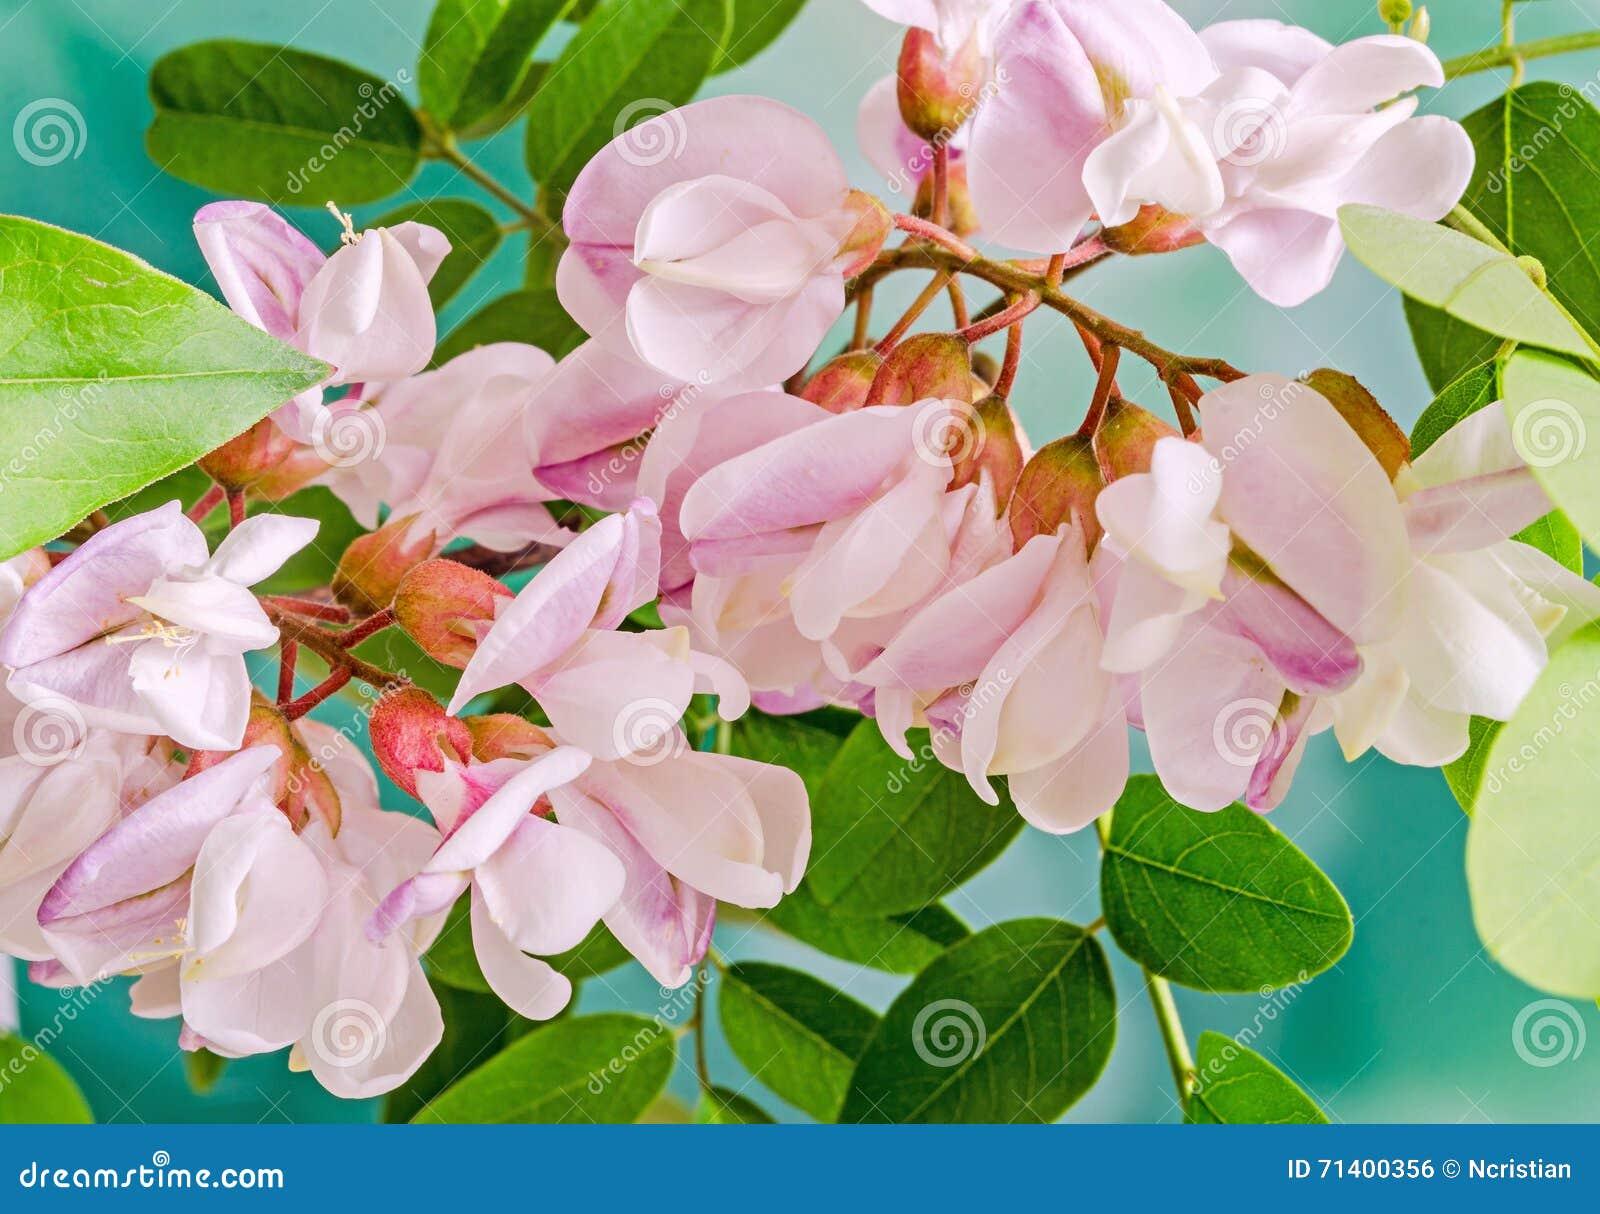 Pink Robinia Pseudoacacia Tree Flowers Know As Black Locust Ge